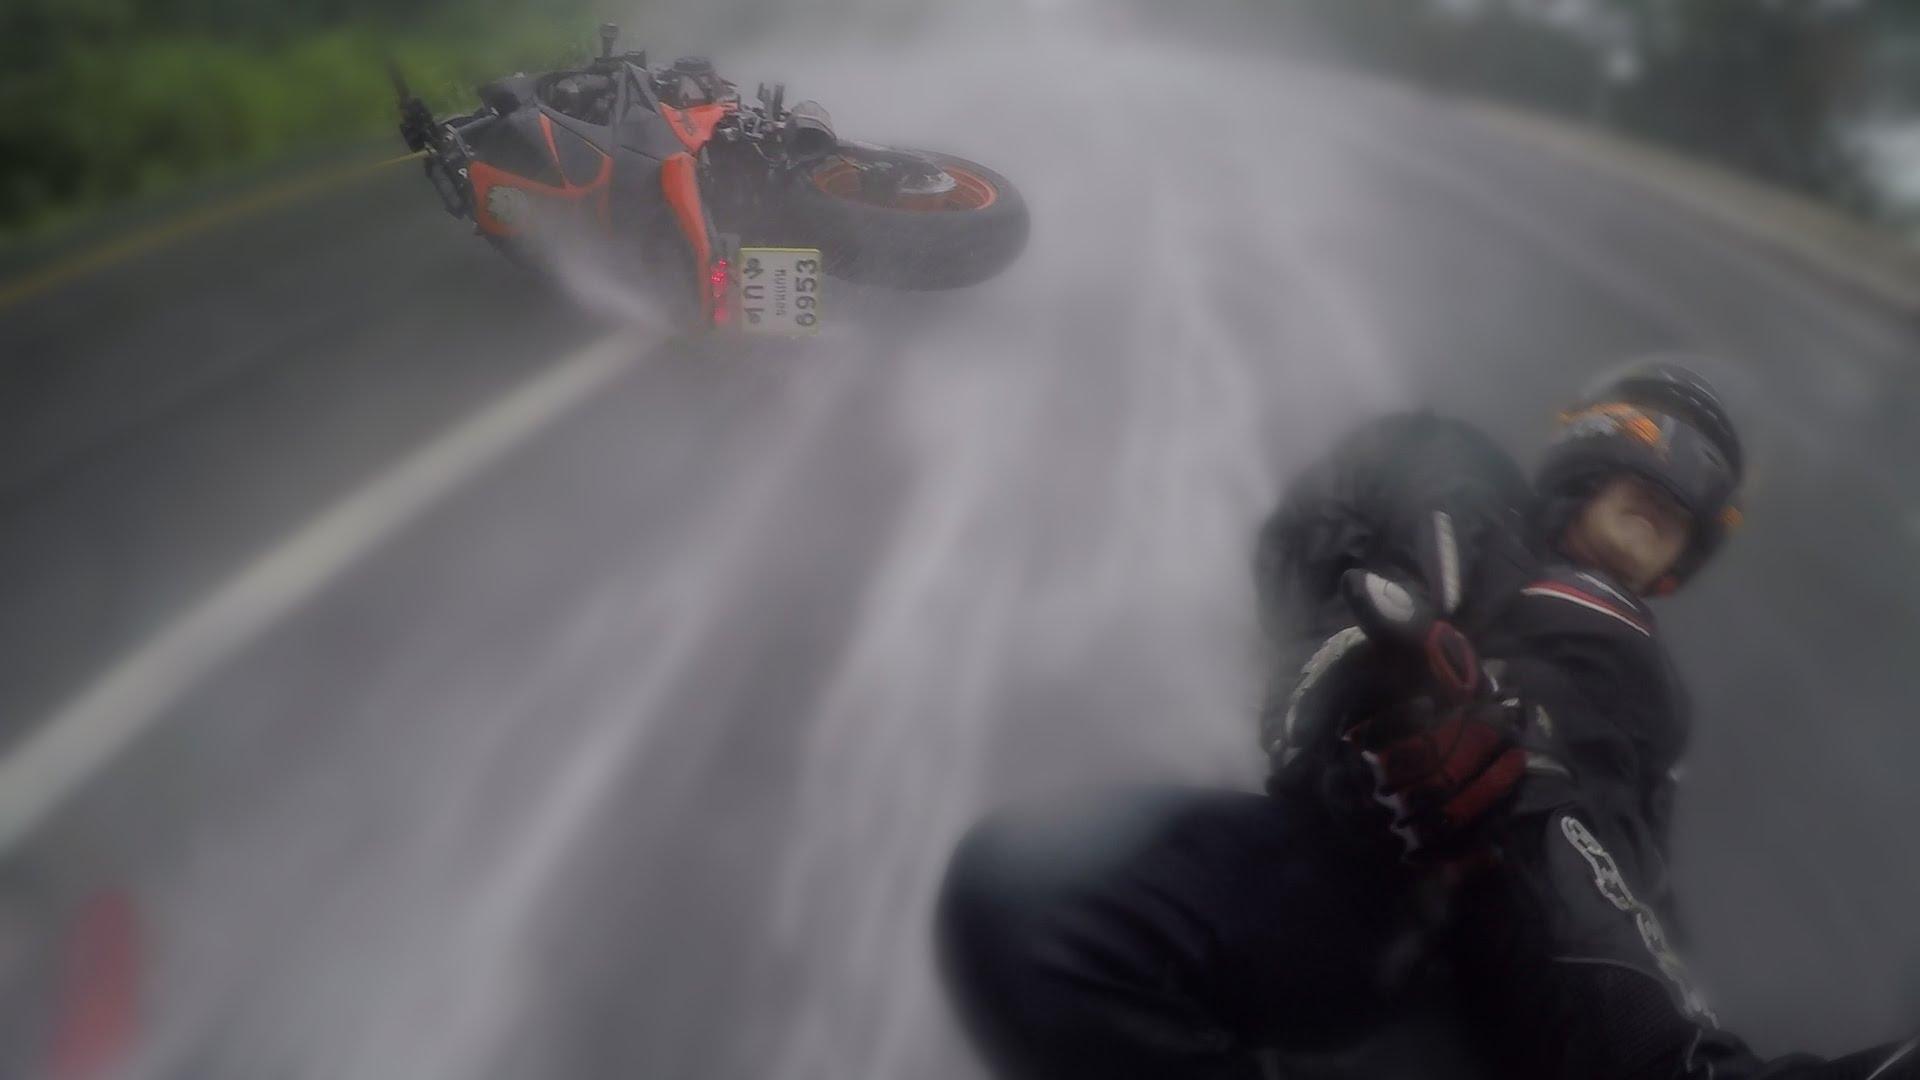 VIDEO: Le salva la vida a su novia en un accidente de moto